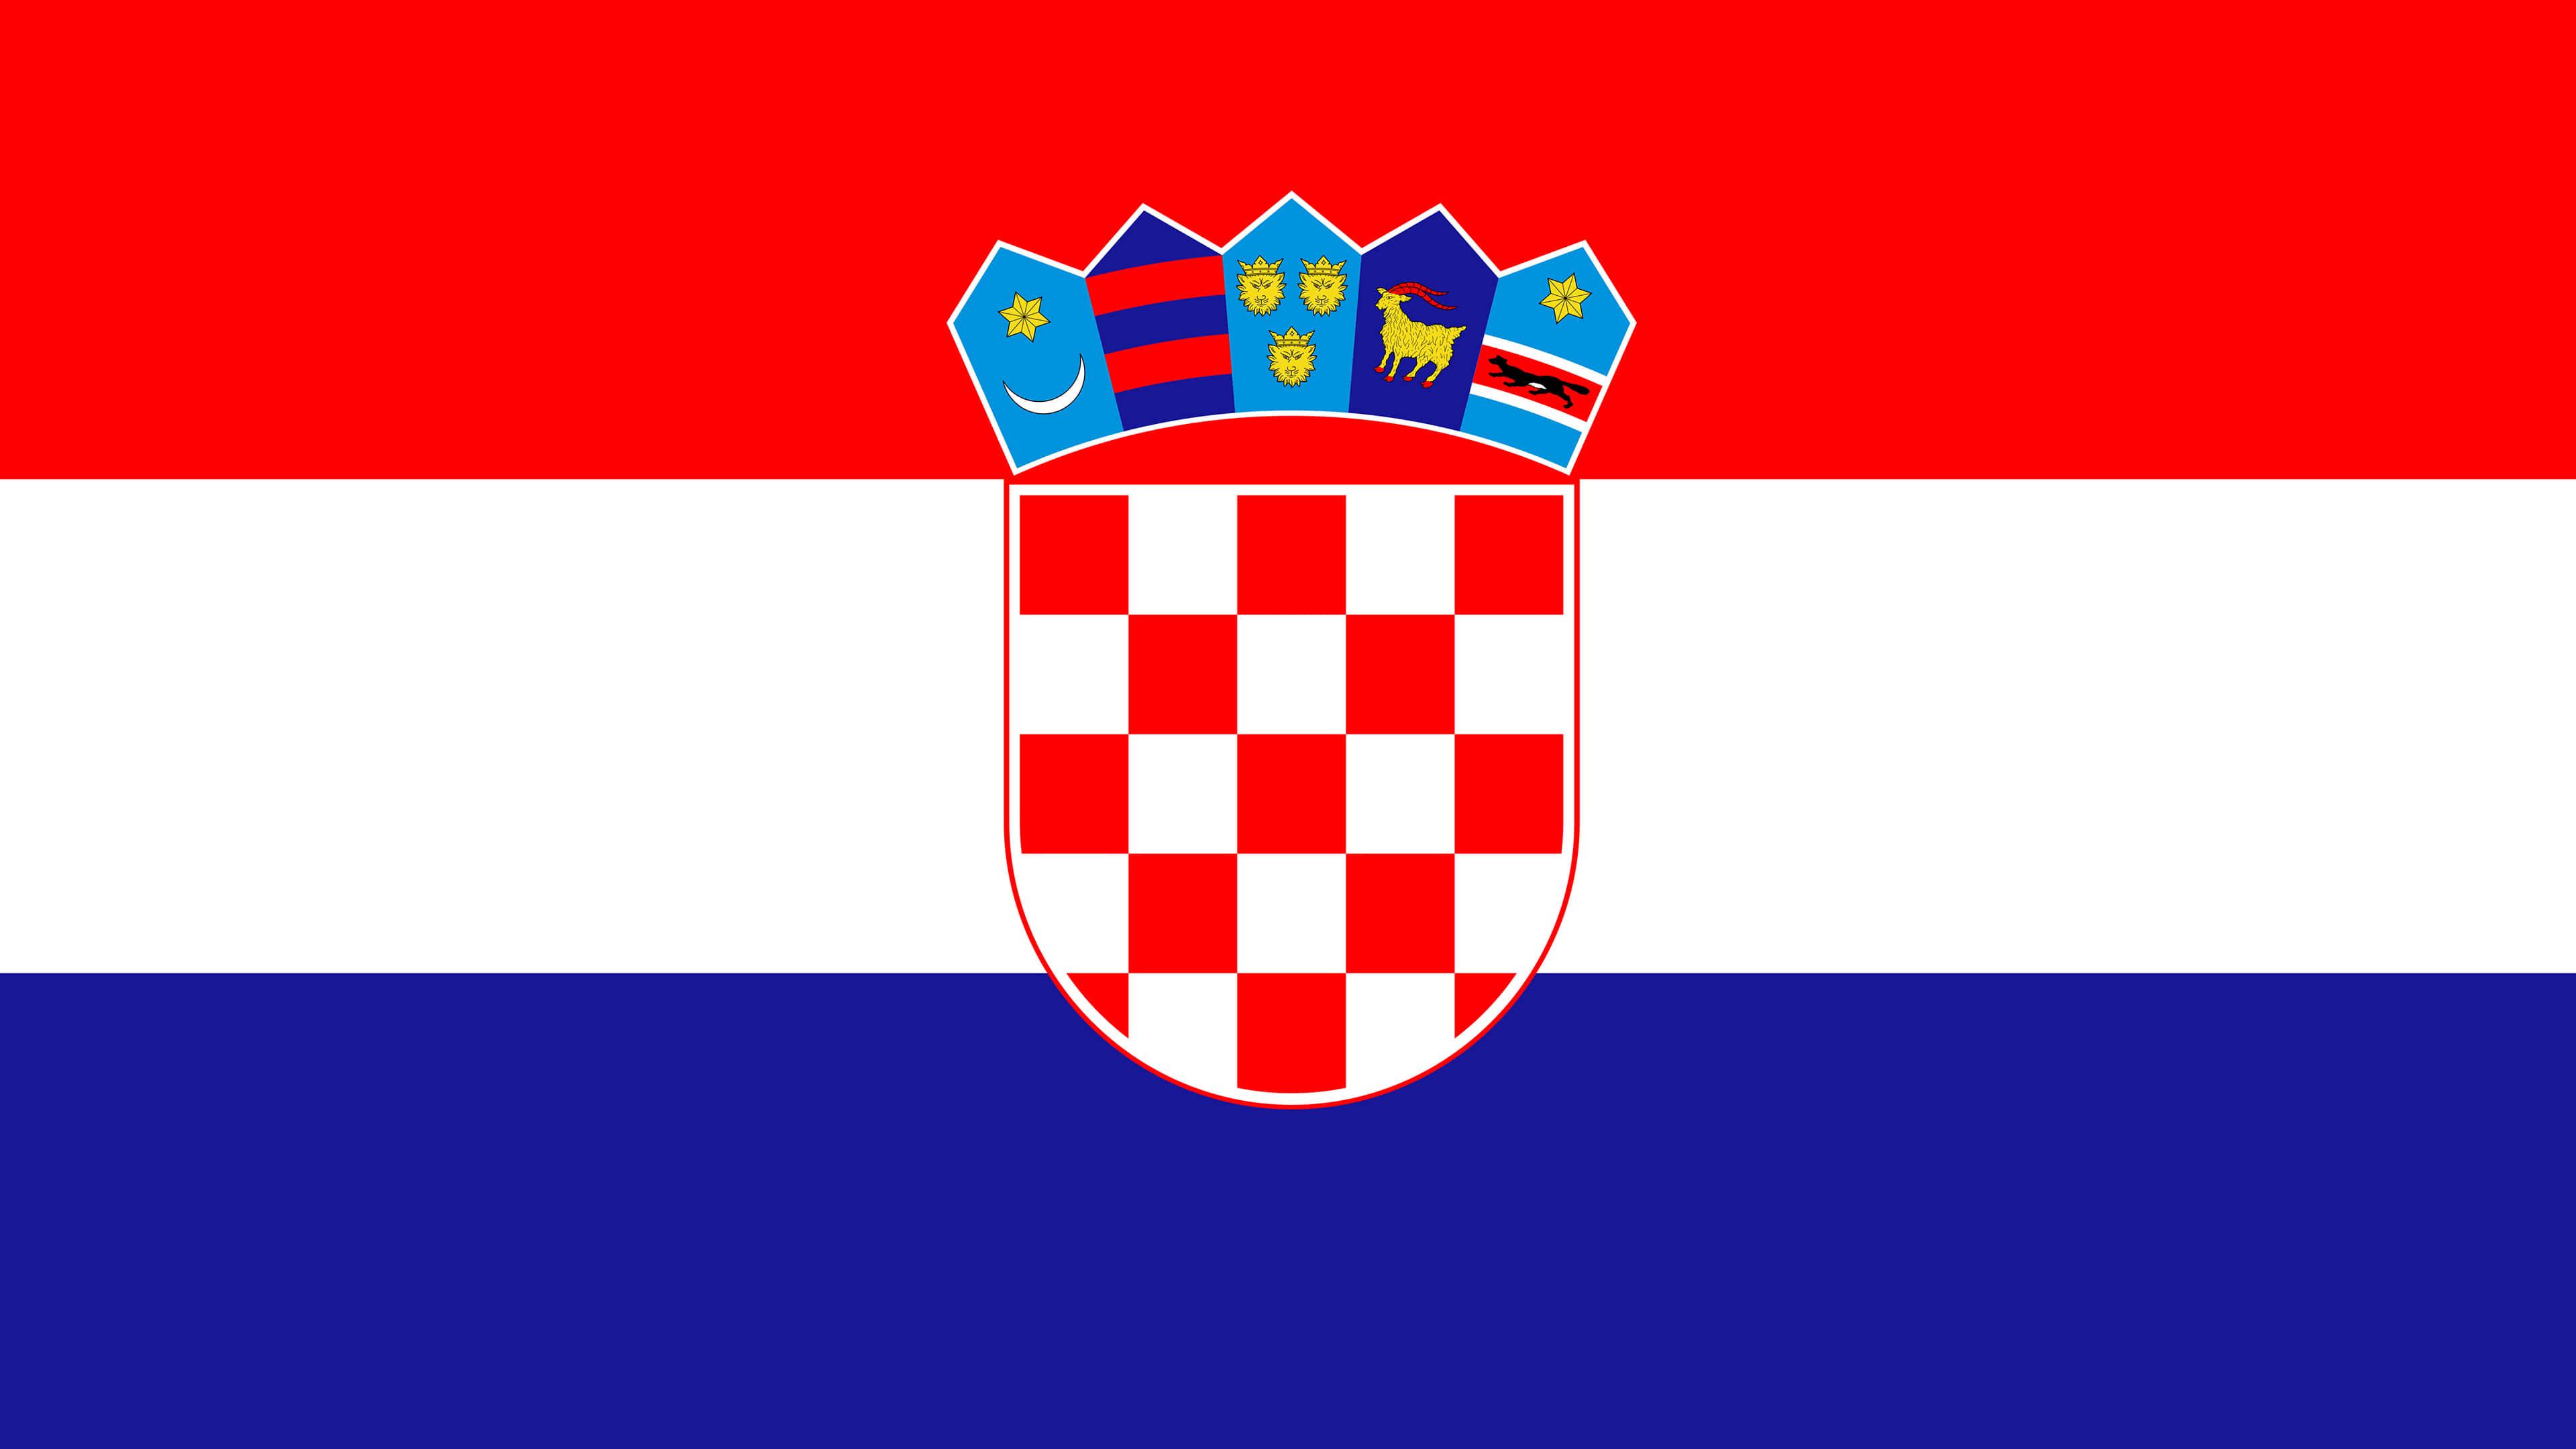 croatia flag uhd 4k wallpaper